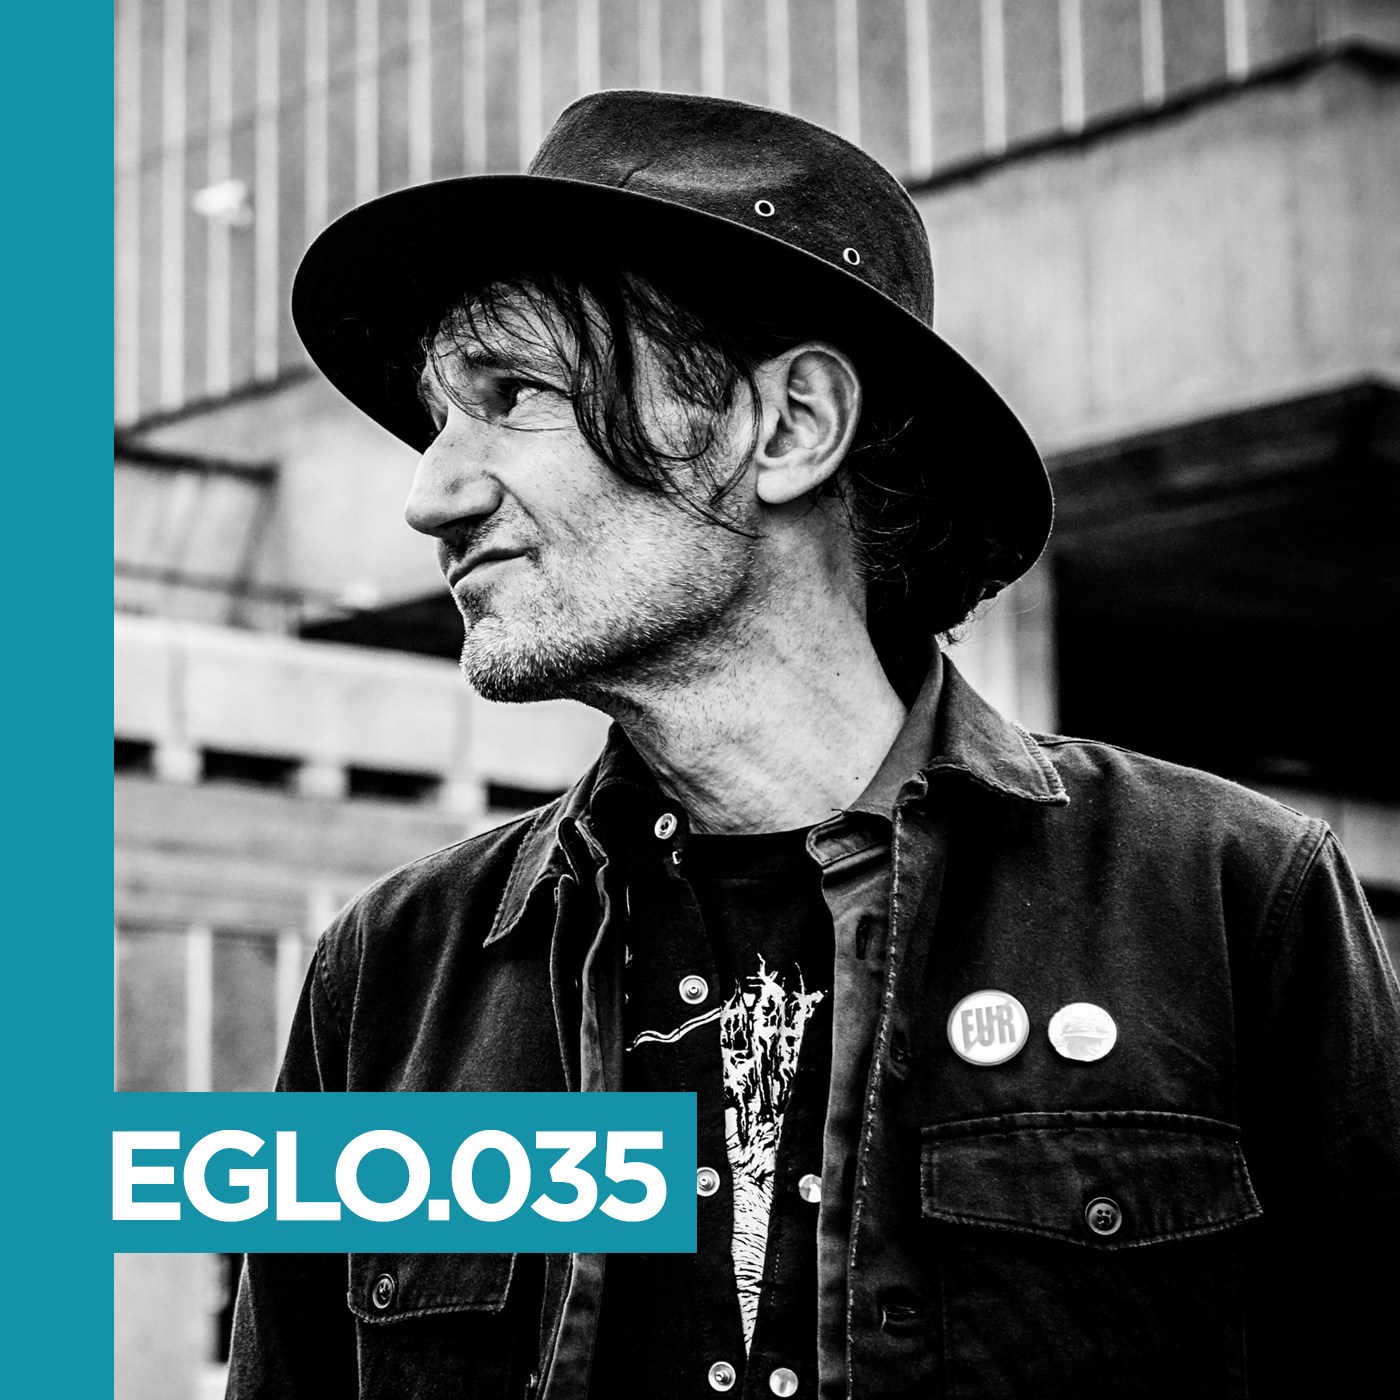 eg-lo-035-Danny-Howells